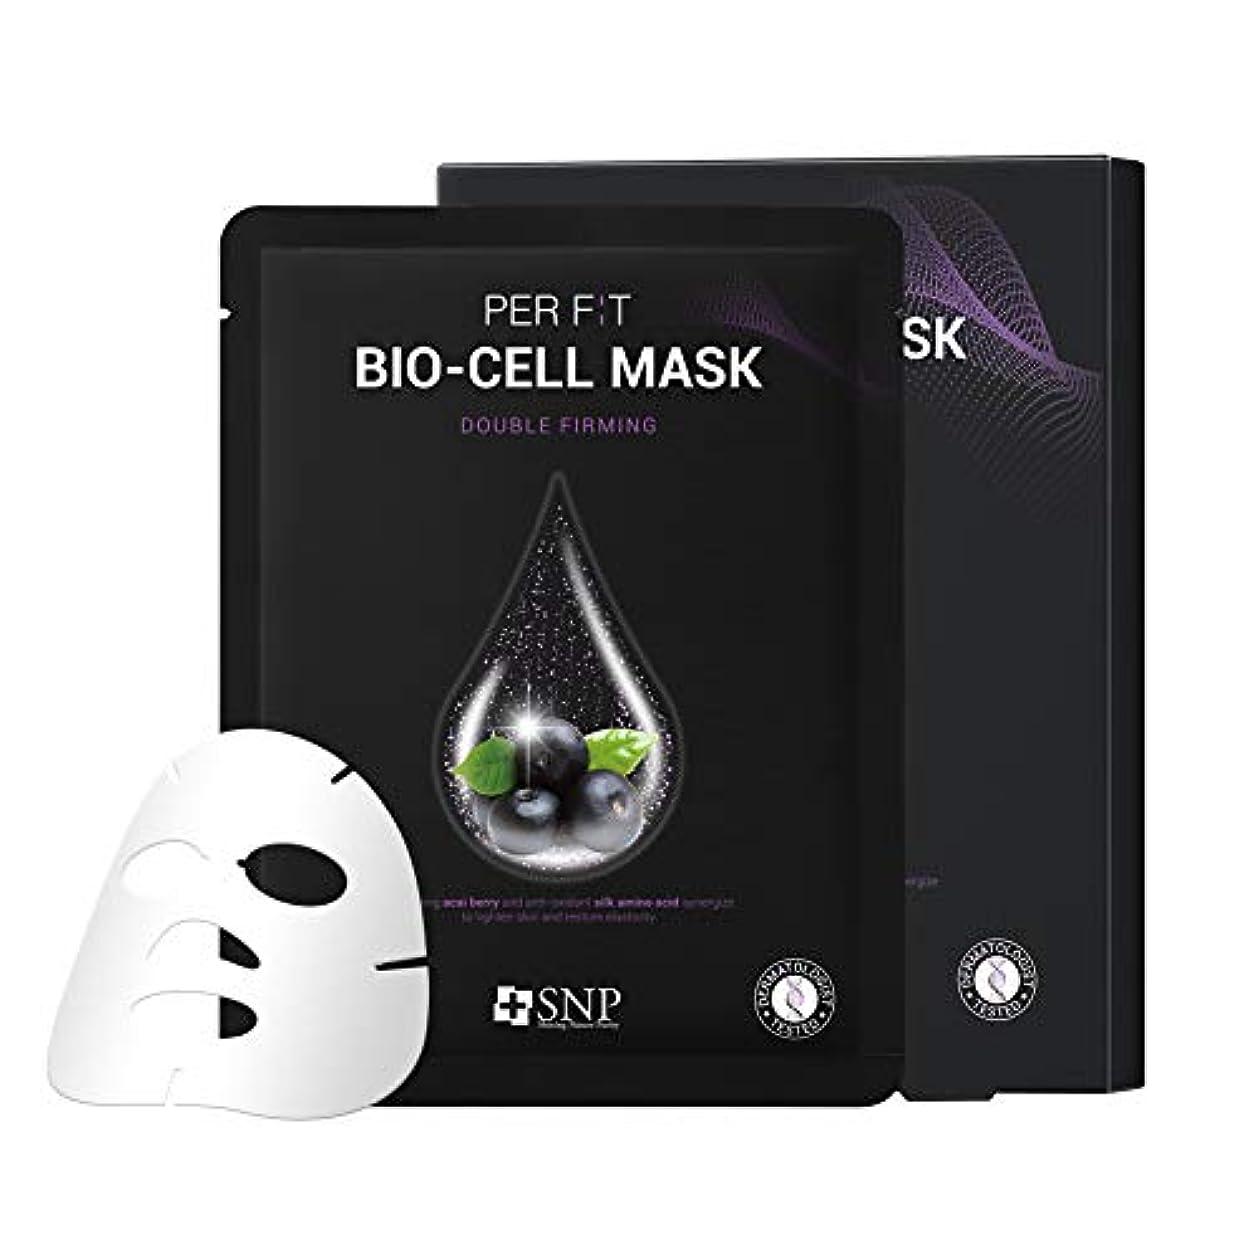 発言するおびえたヘッジ【SNP公式】パーフィット バイオセルマスク ダブルファーミング 5枚セット / PER F:T BIO-CELL MASK DOUBLE FIRMING 韓国パック 韓国コスメ パック マスクパック シートマスク